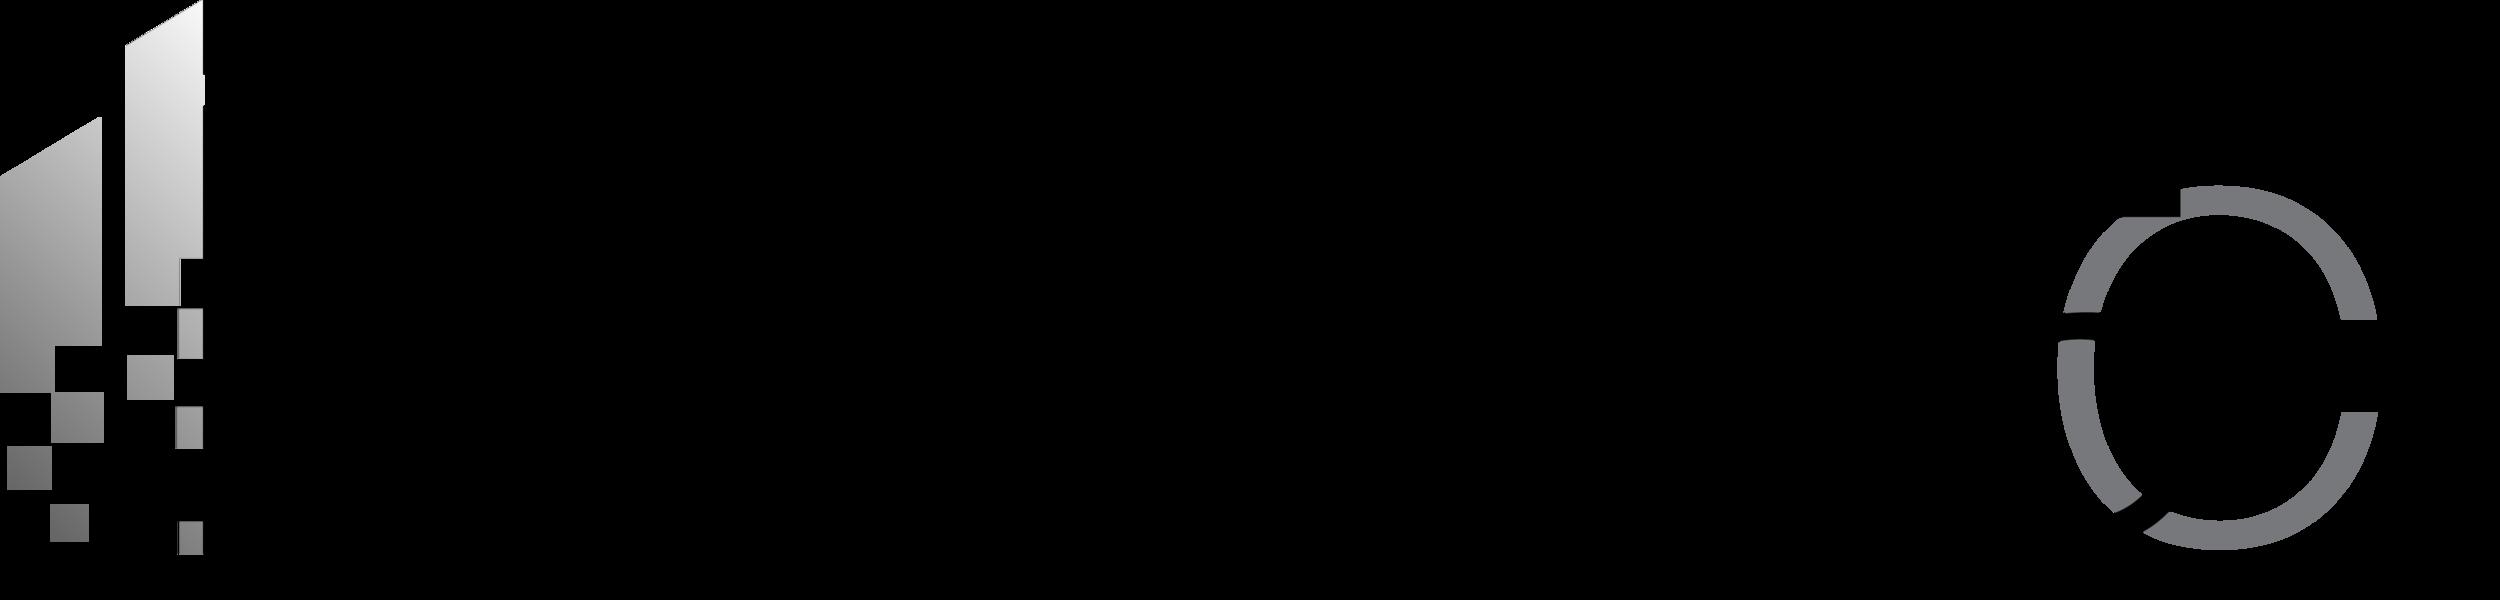 MESA logo_grey_50.png